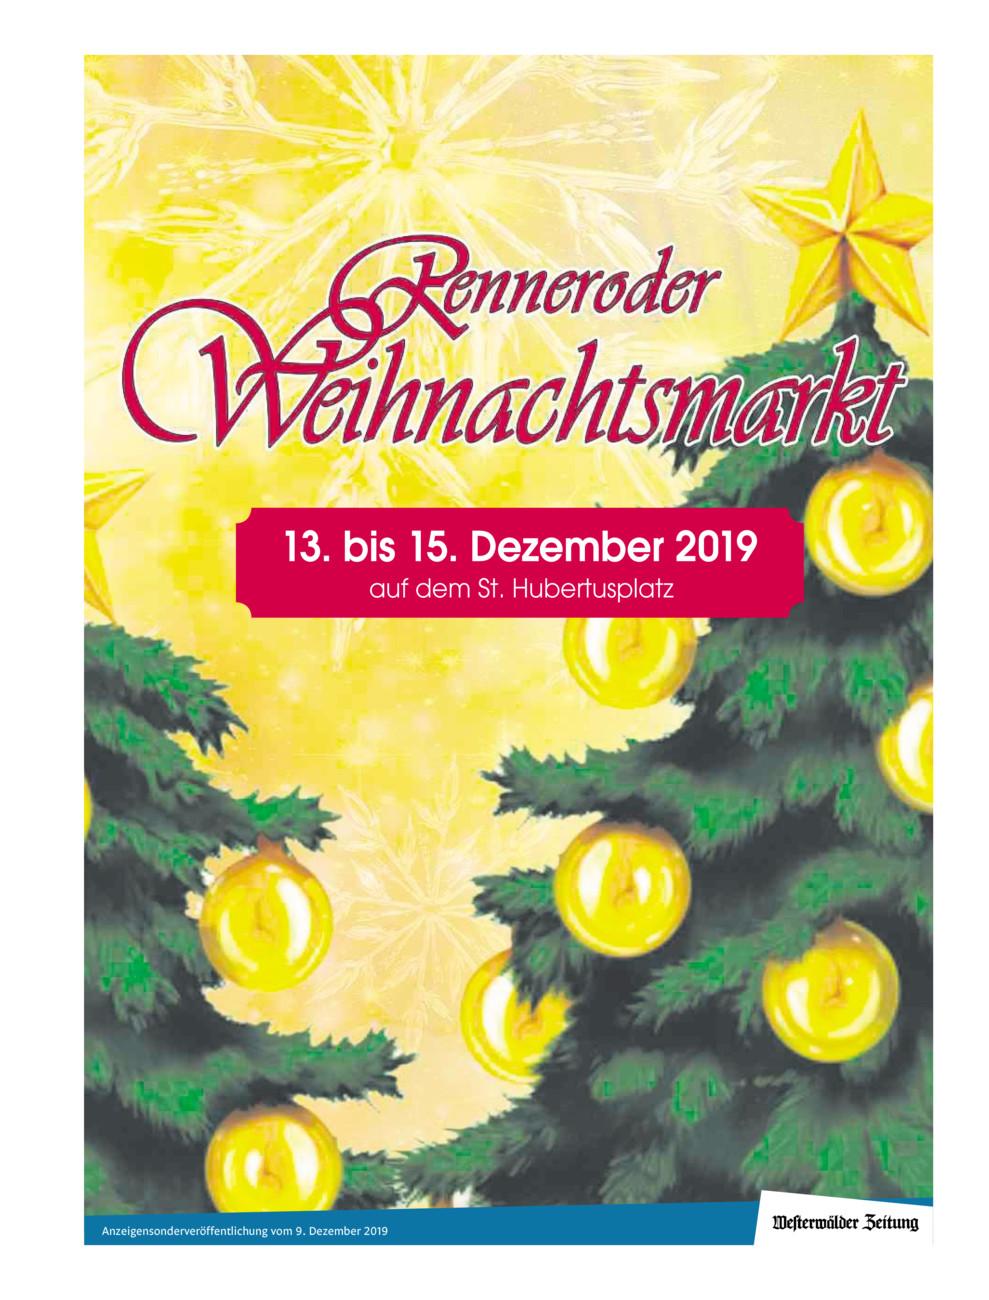 Weihnachtsmarkt Rennerod 2019